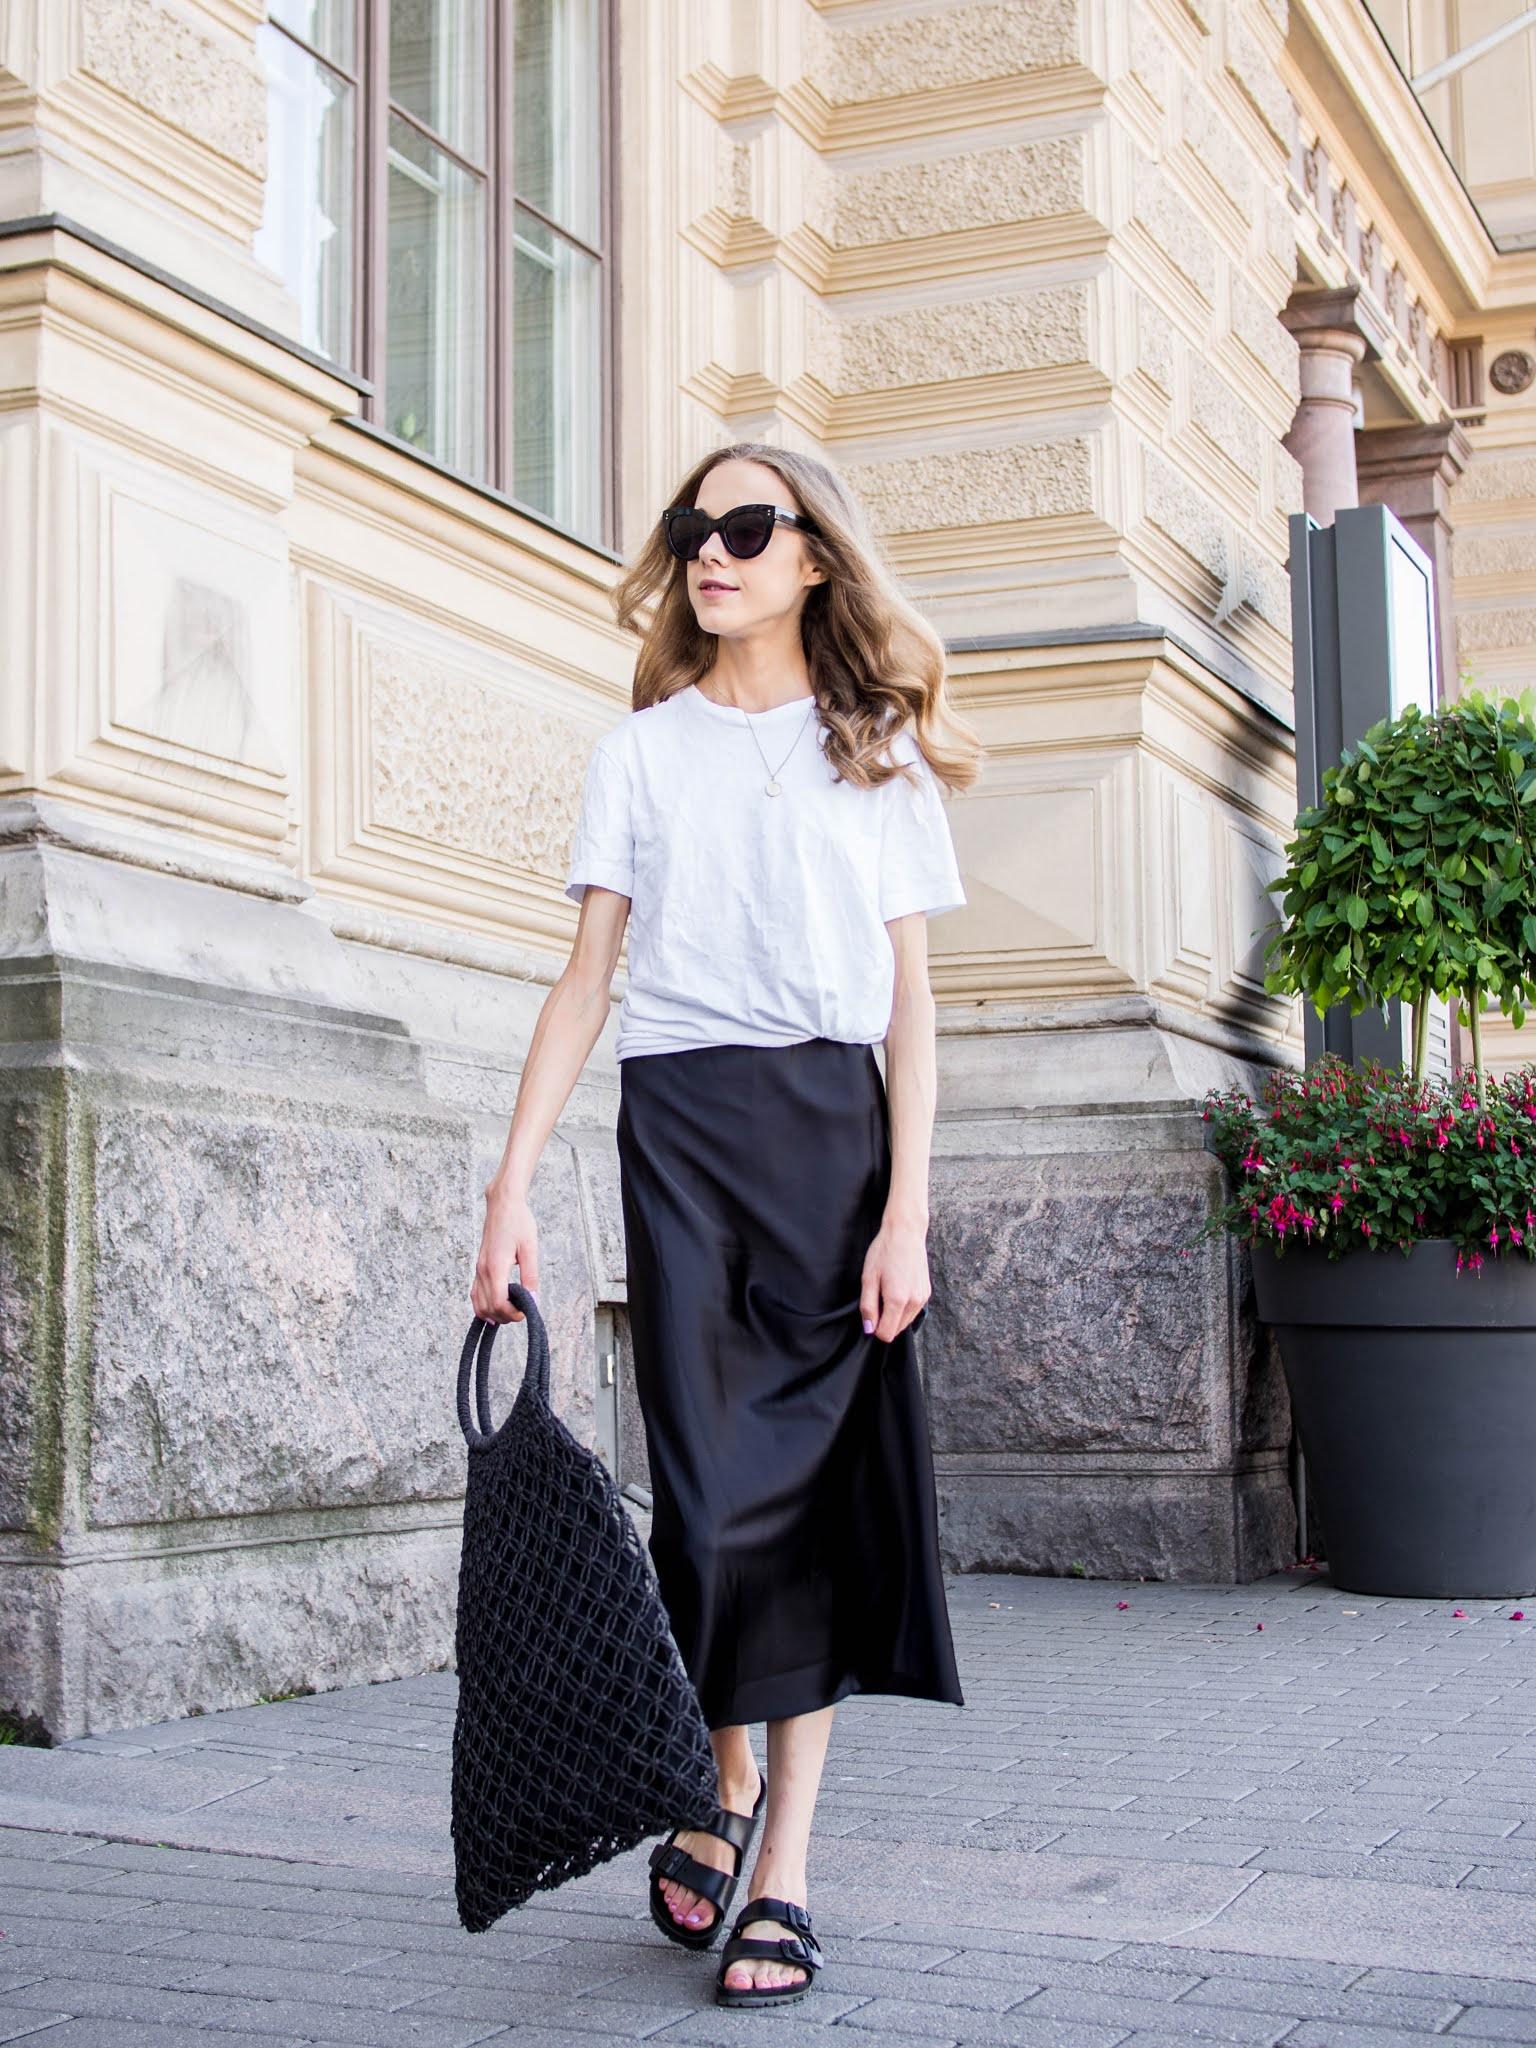 Black and white casual chic summer outfit - Mustavalkoinen rennon tyylikäs kesäasu